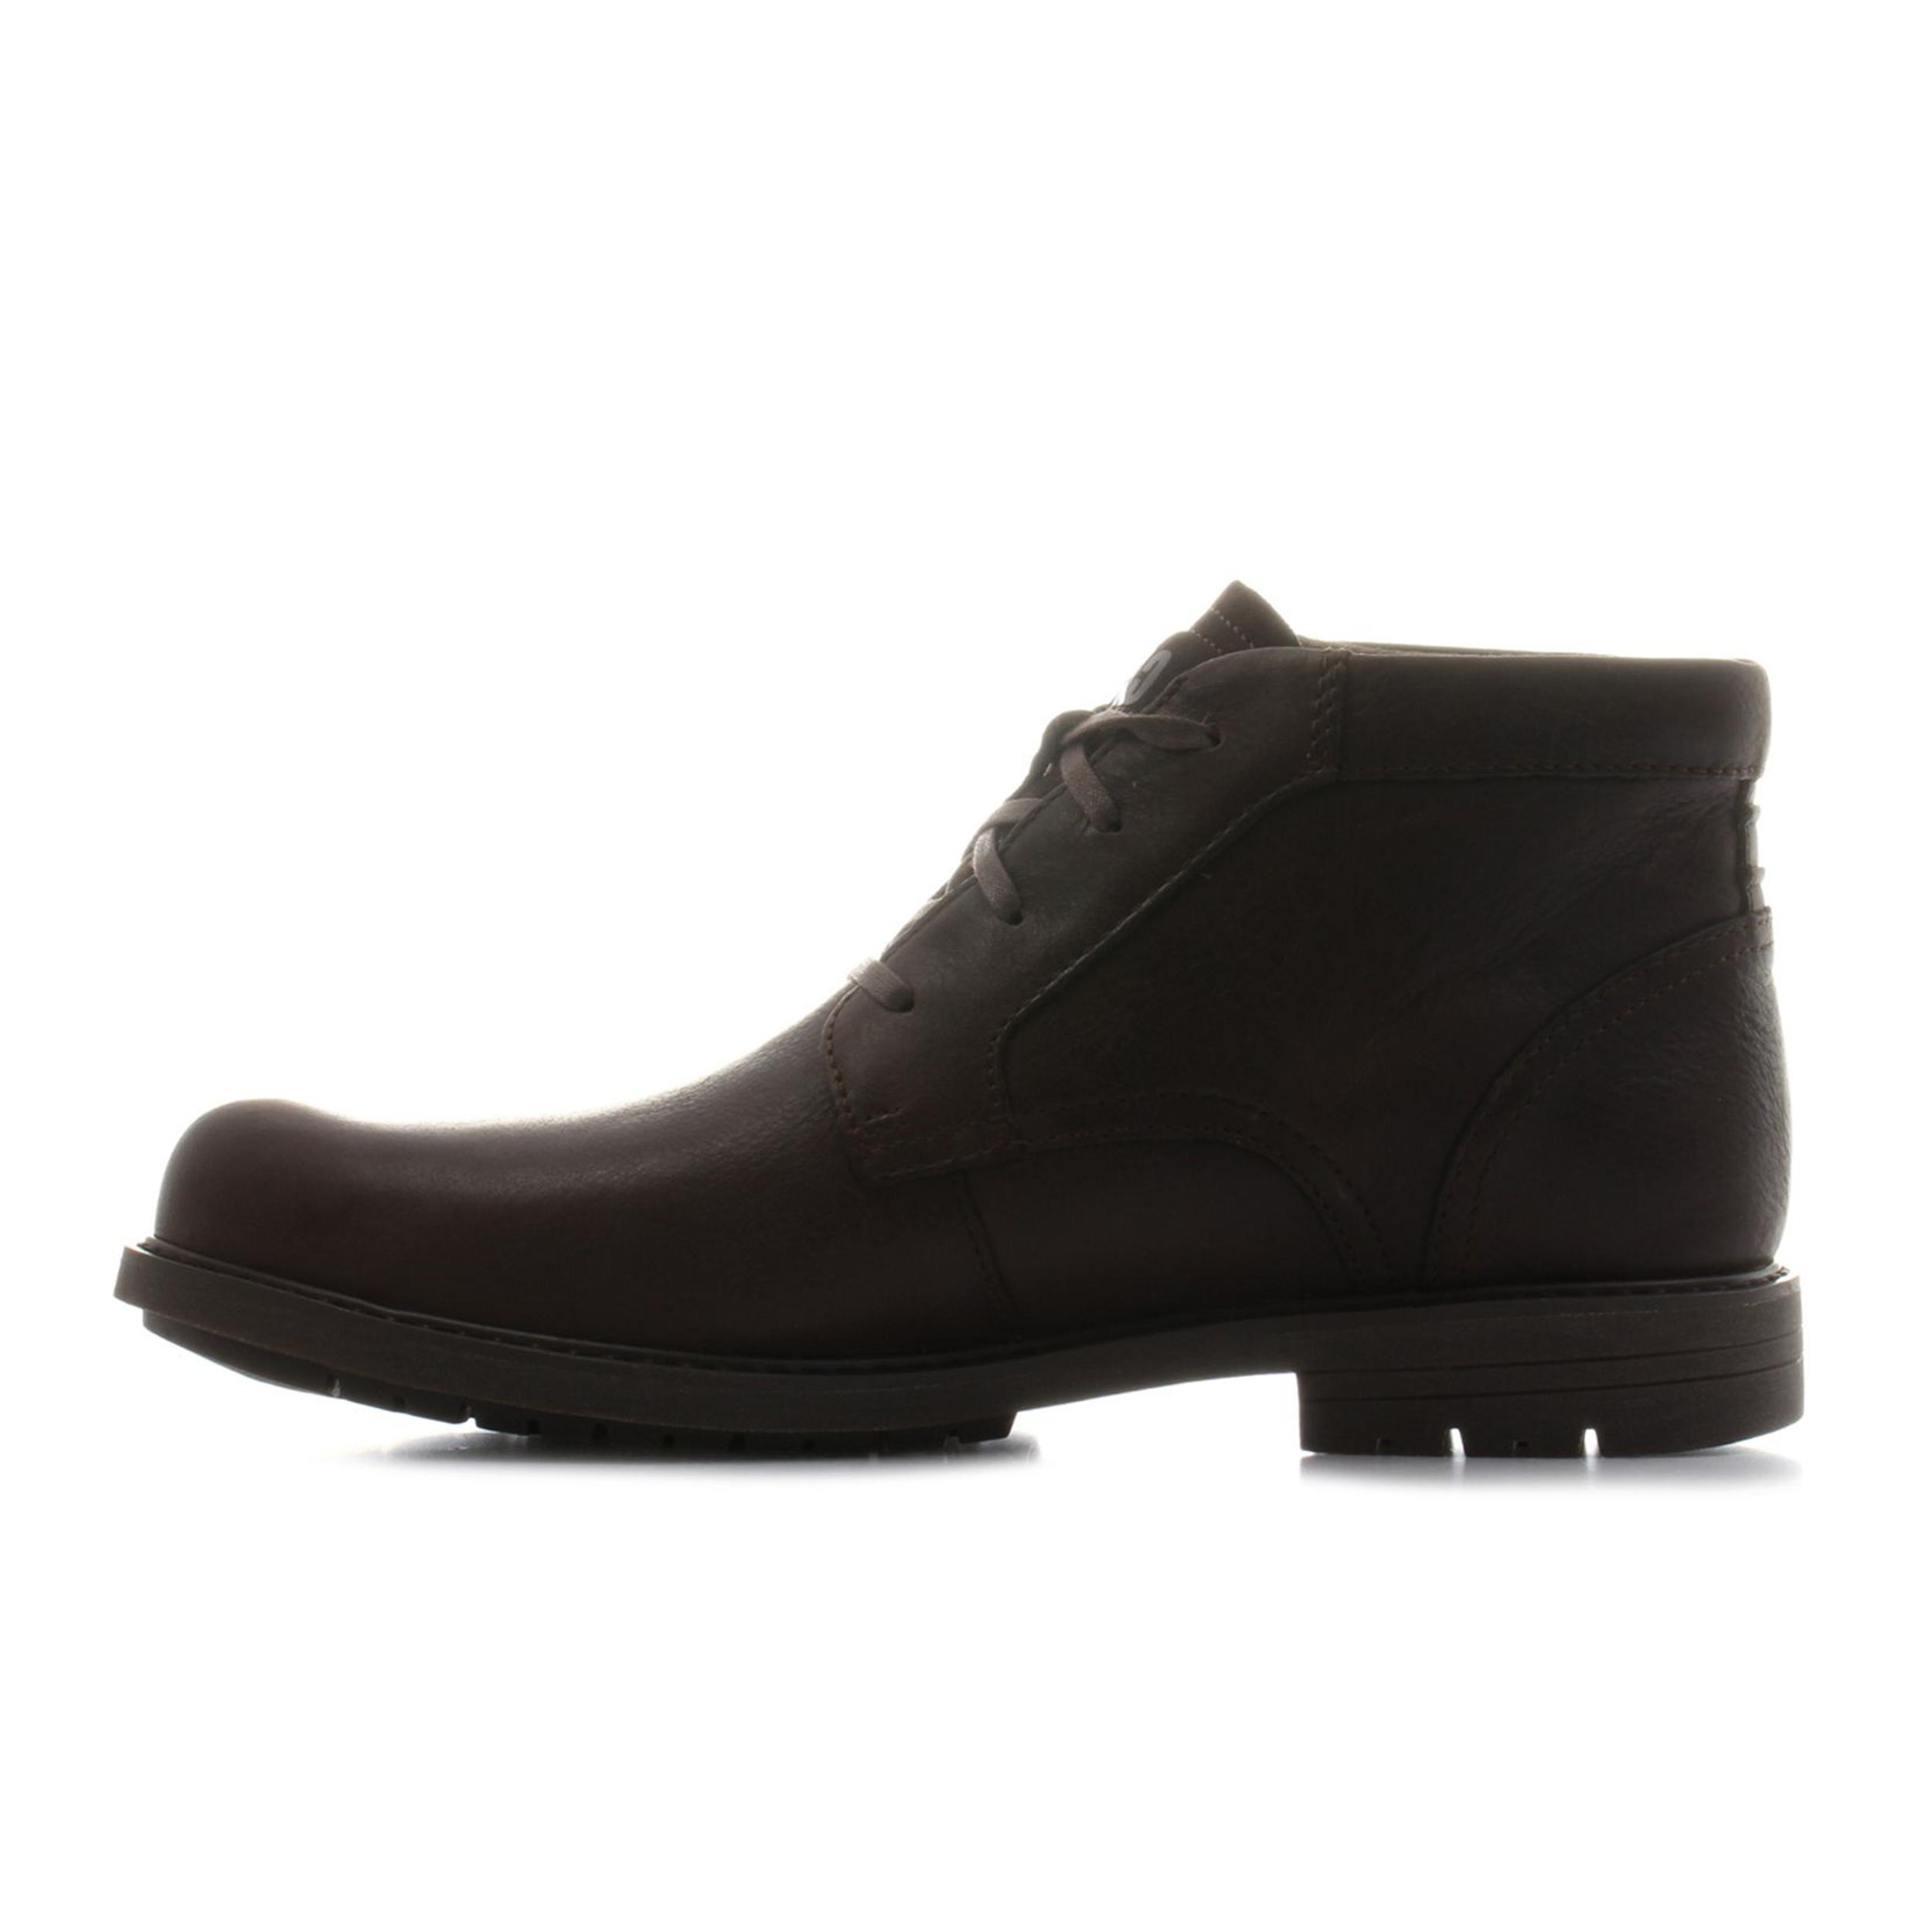 قیمت کفش مخصوص پیاده روی مردانه کاترپیلار مدل 719118